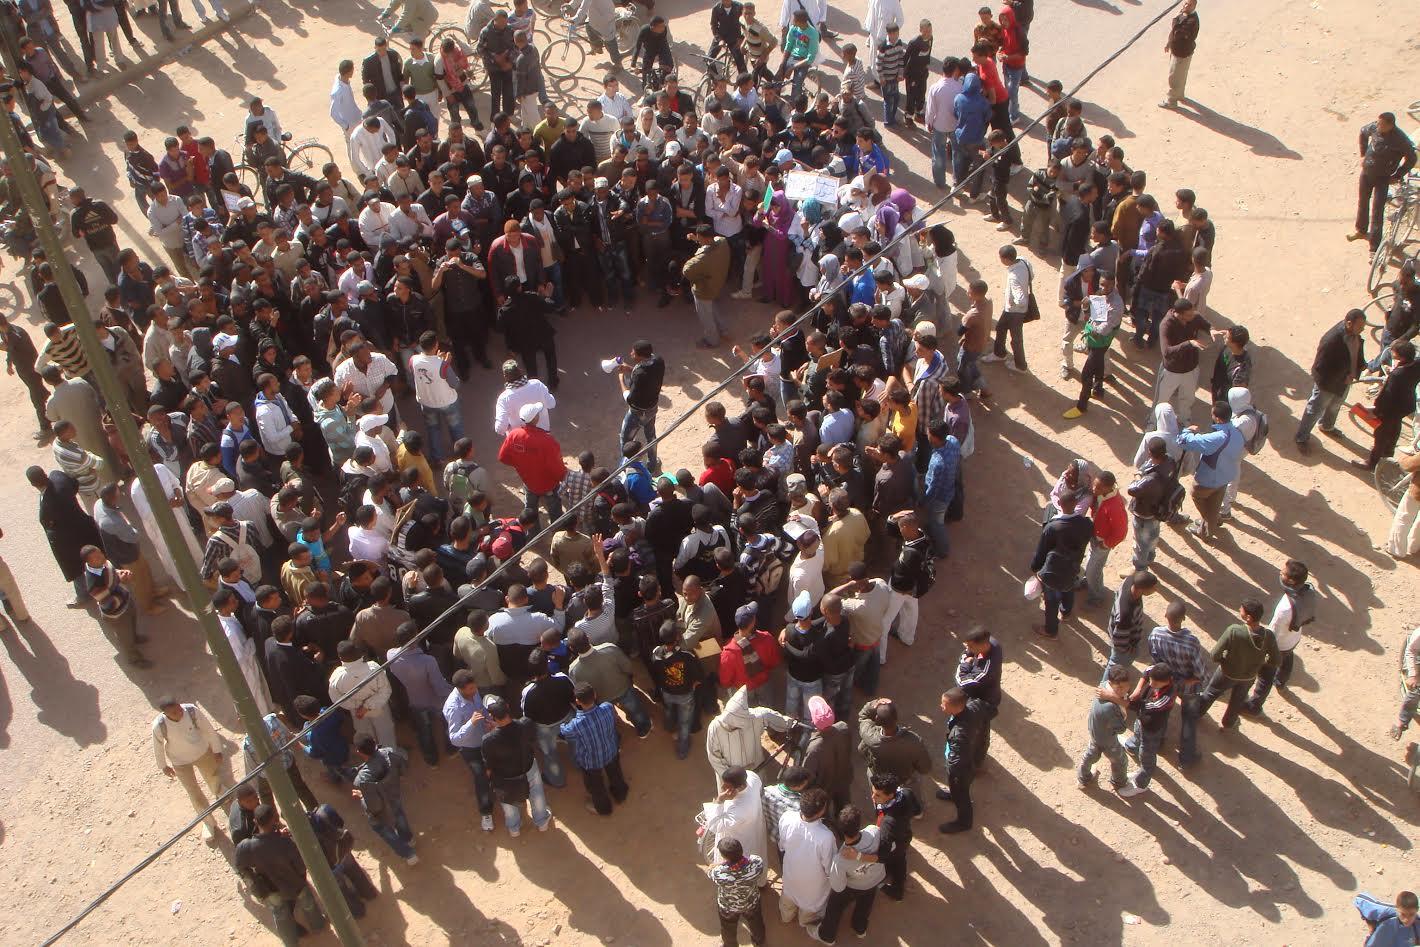 المجتمع المدني بتازارين يندد بالأوضاع المزرية التي تعيشها المنطقة